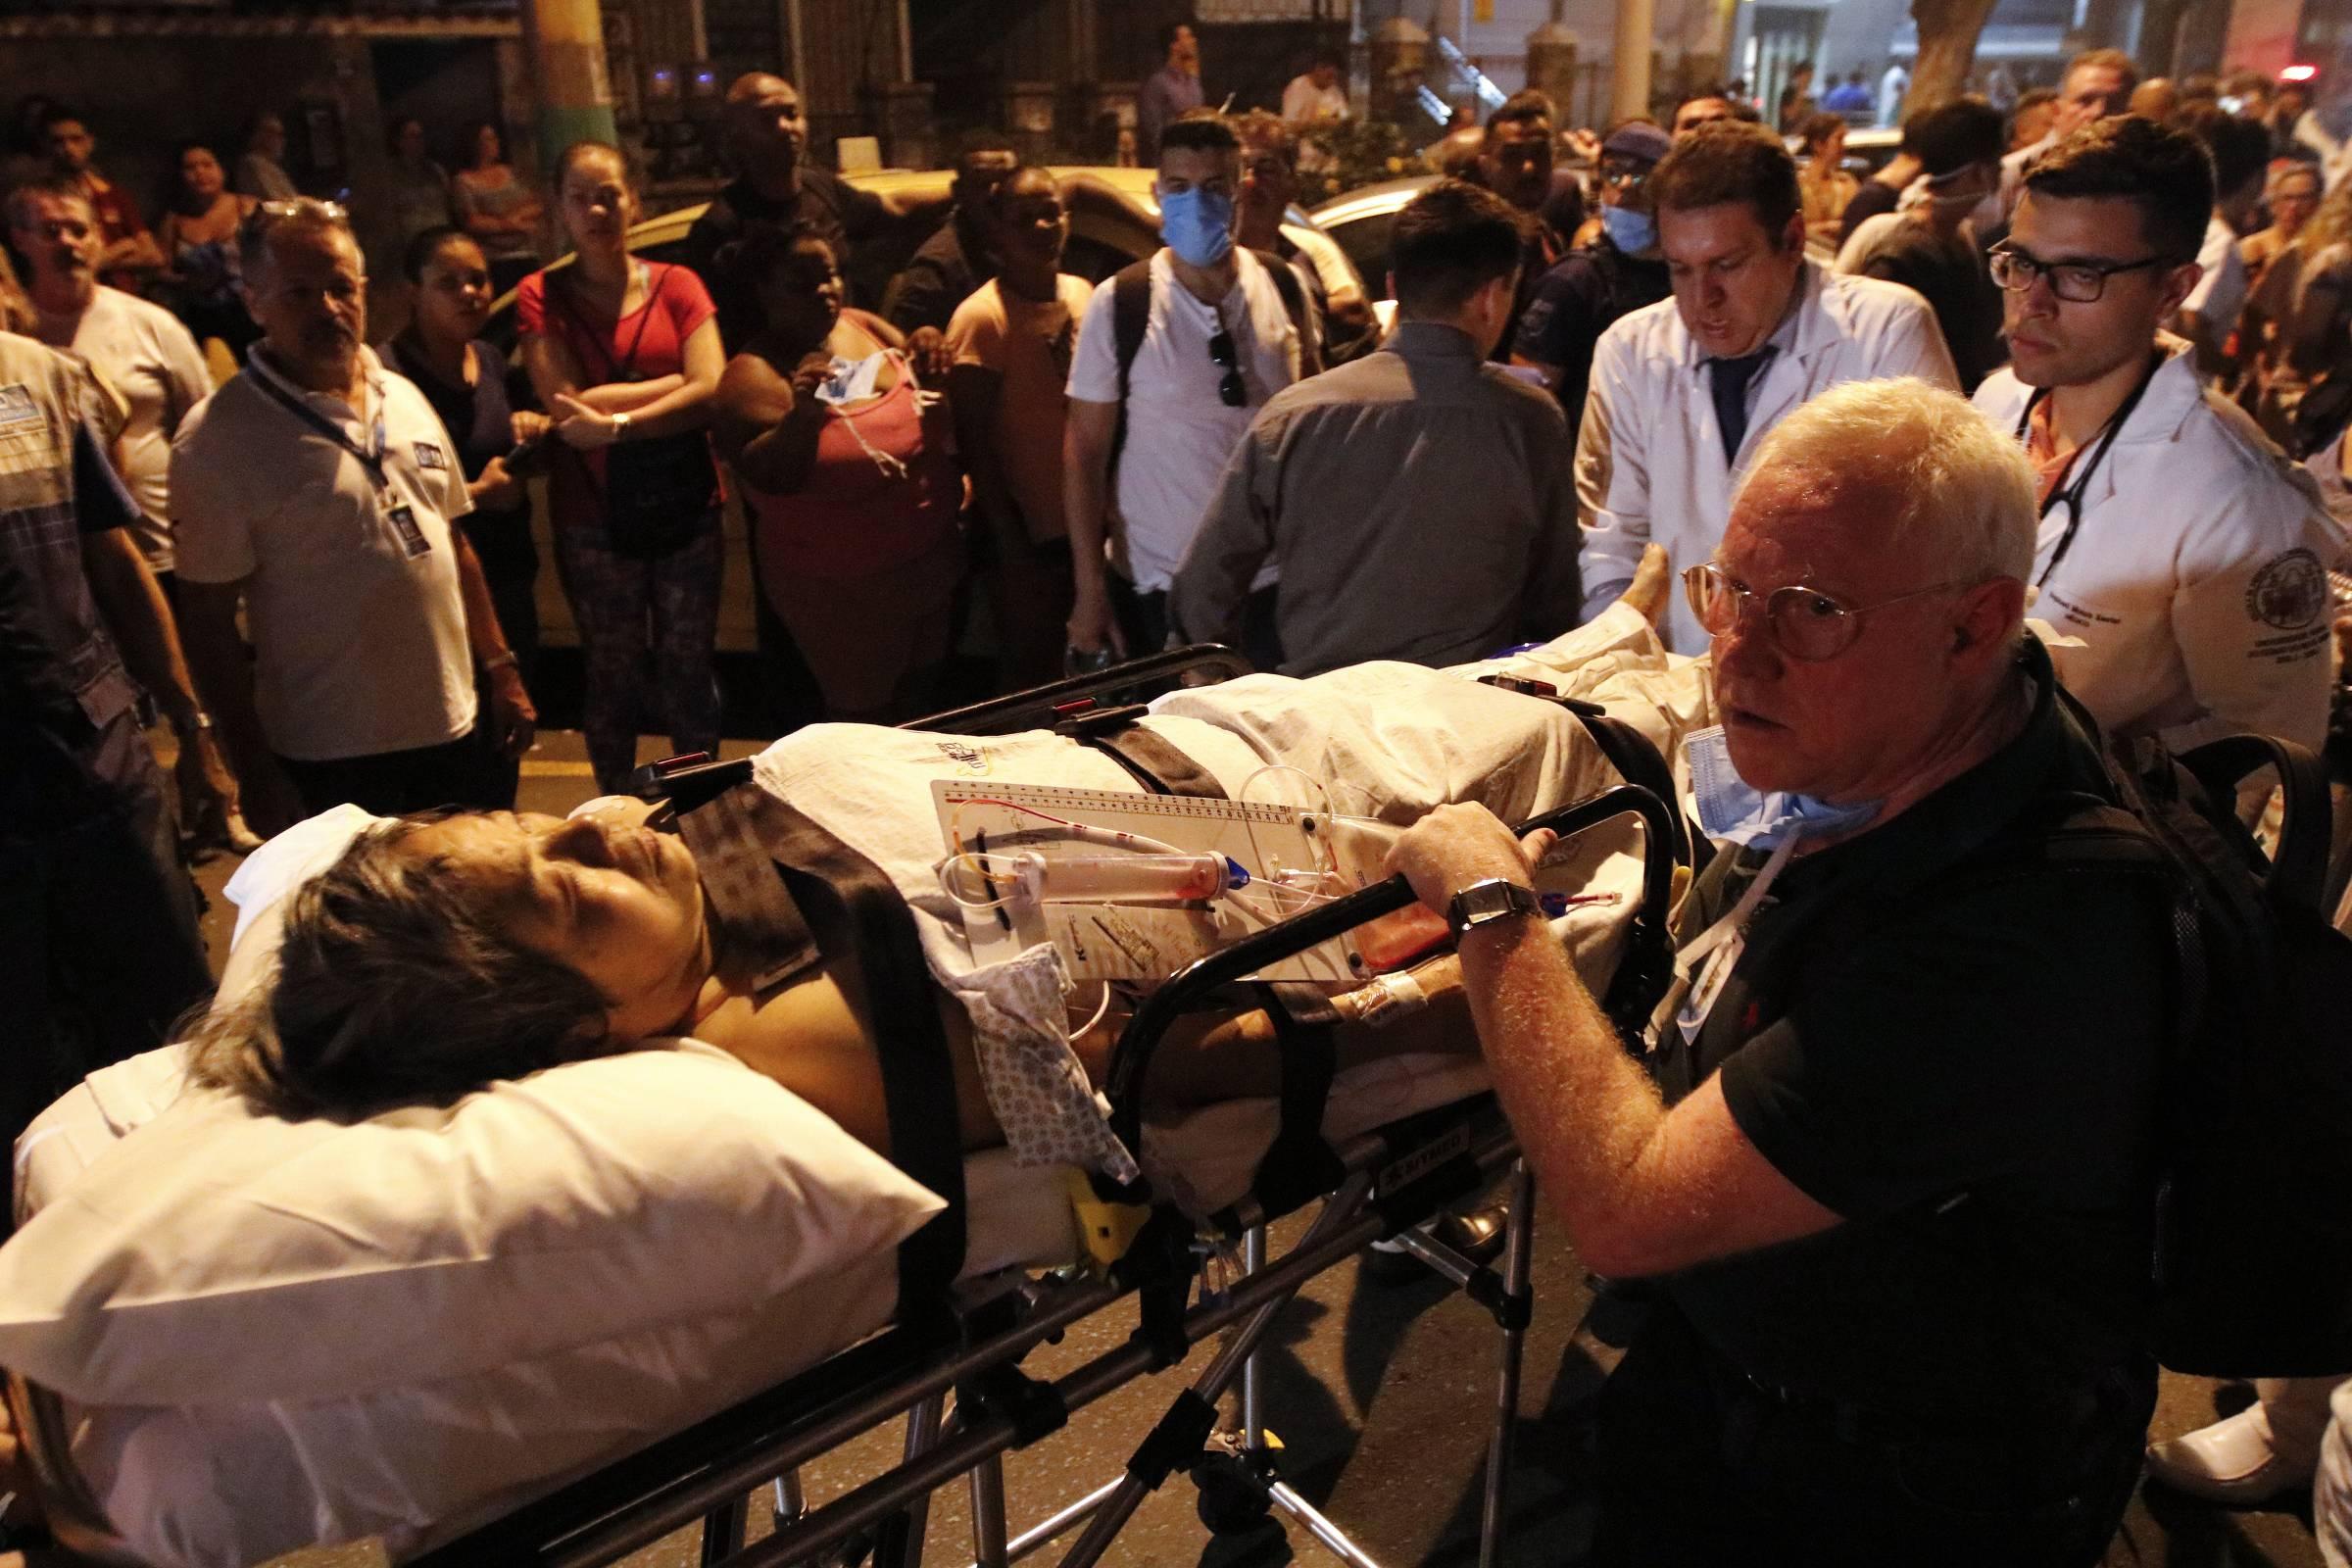 Morre a 19ª vítima do incêndio no hospital Badim, no Rio